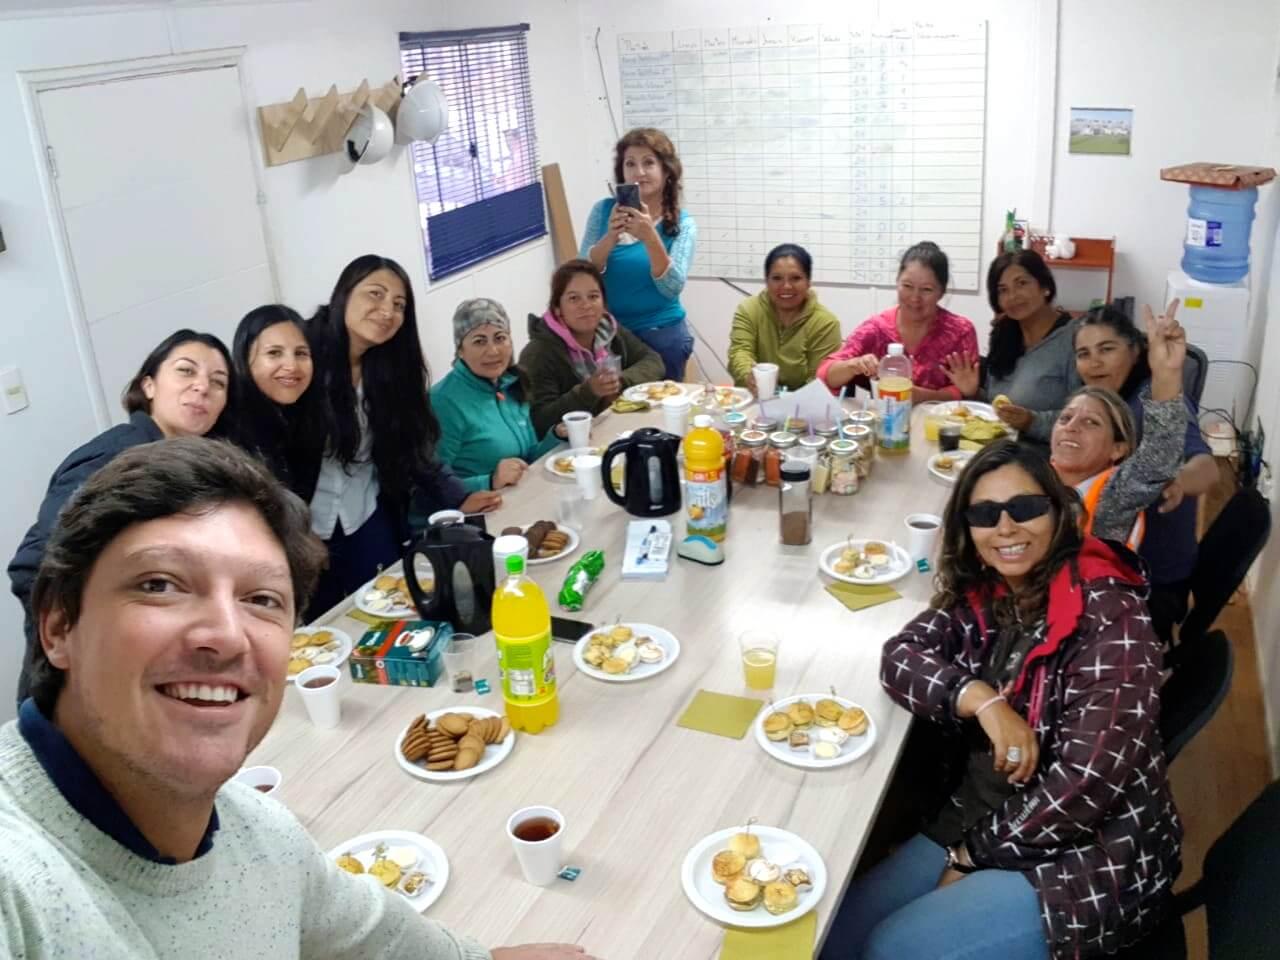 celebracion-dia-de-la-mujer-trabajadoras-constructora-rencoret-Condominio-Punta-Golf-La-Serena